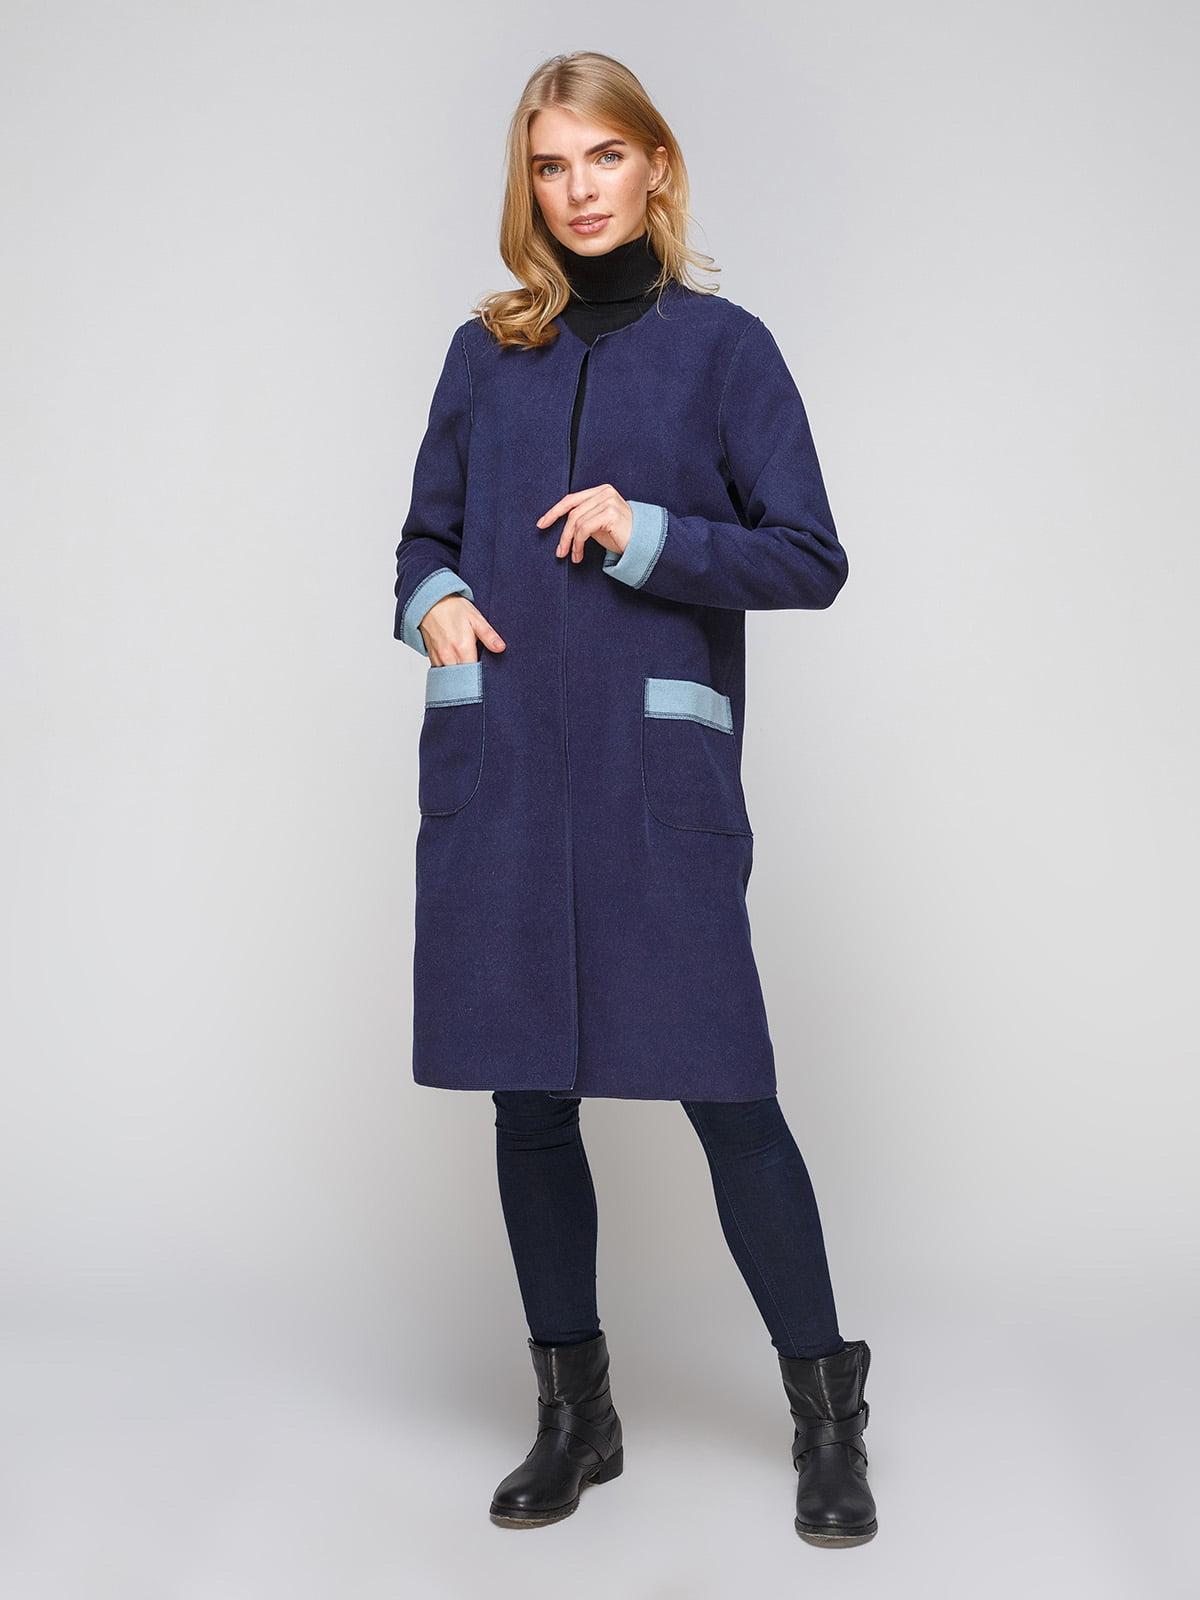 Кардиган сине-голубой | 5231200